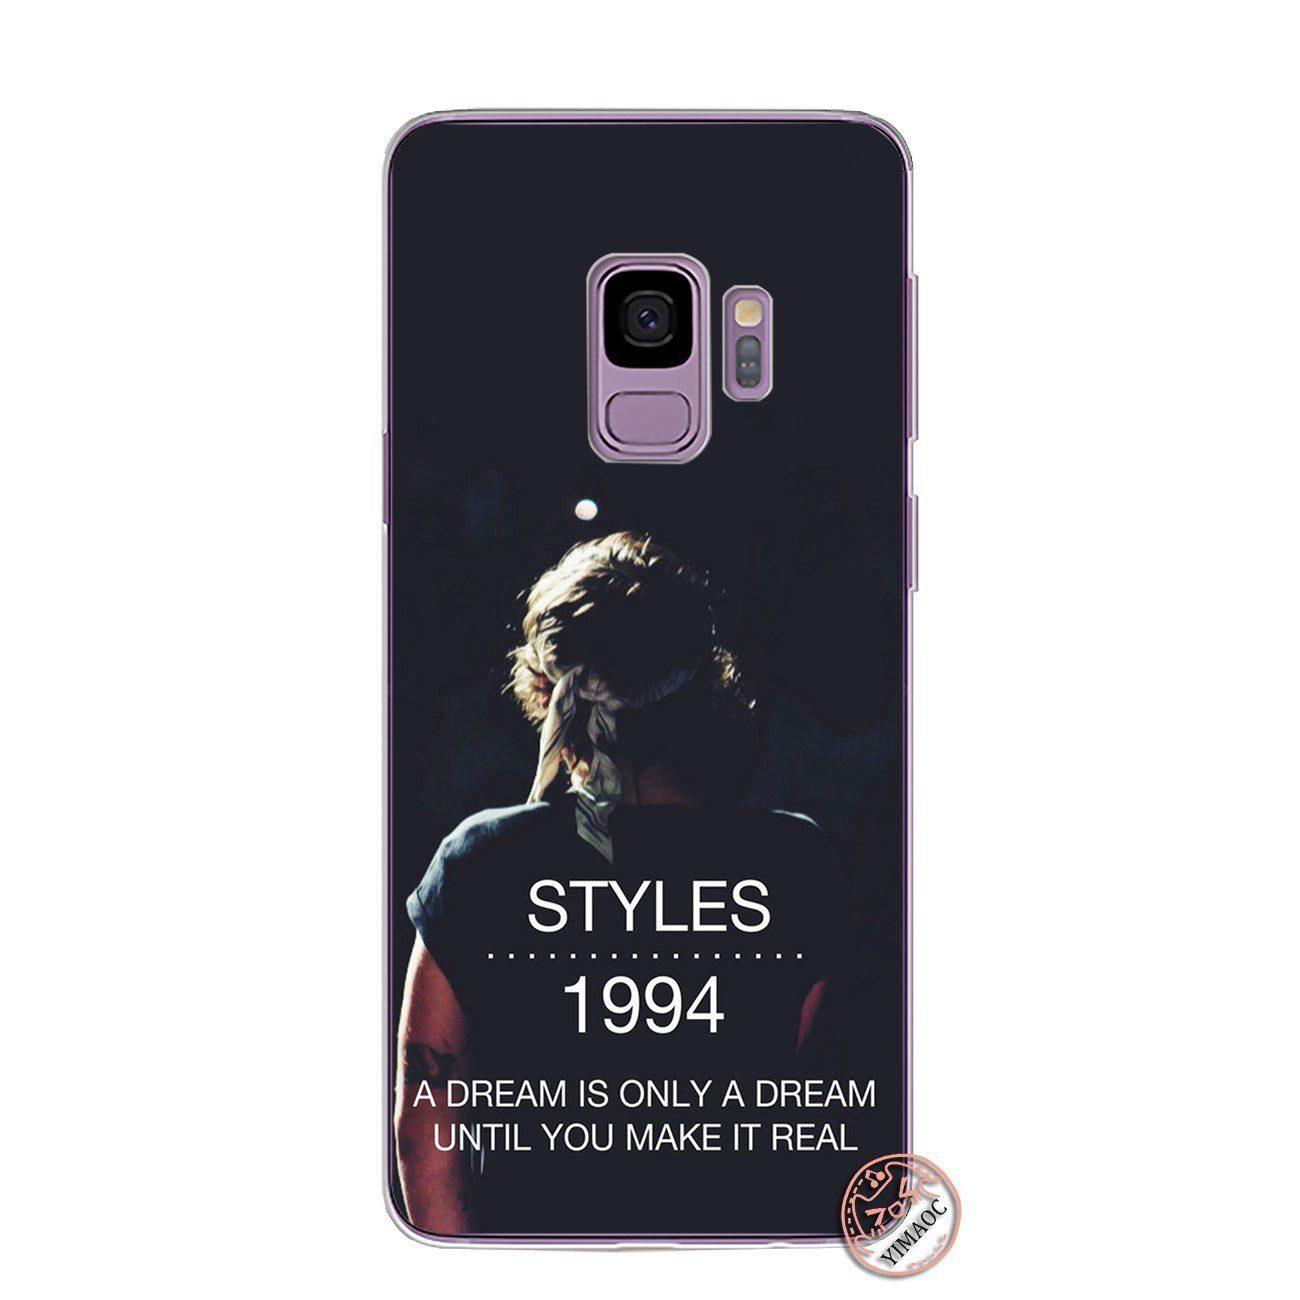 Styles – Samsung Case #5